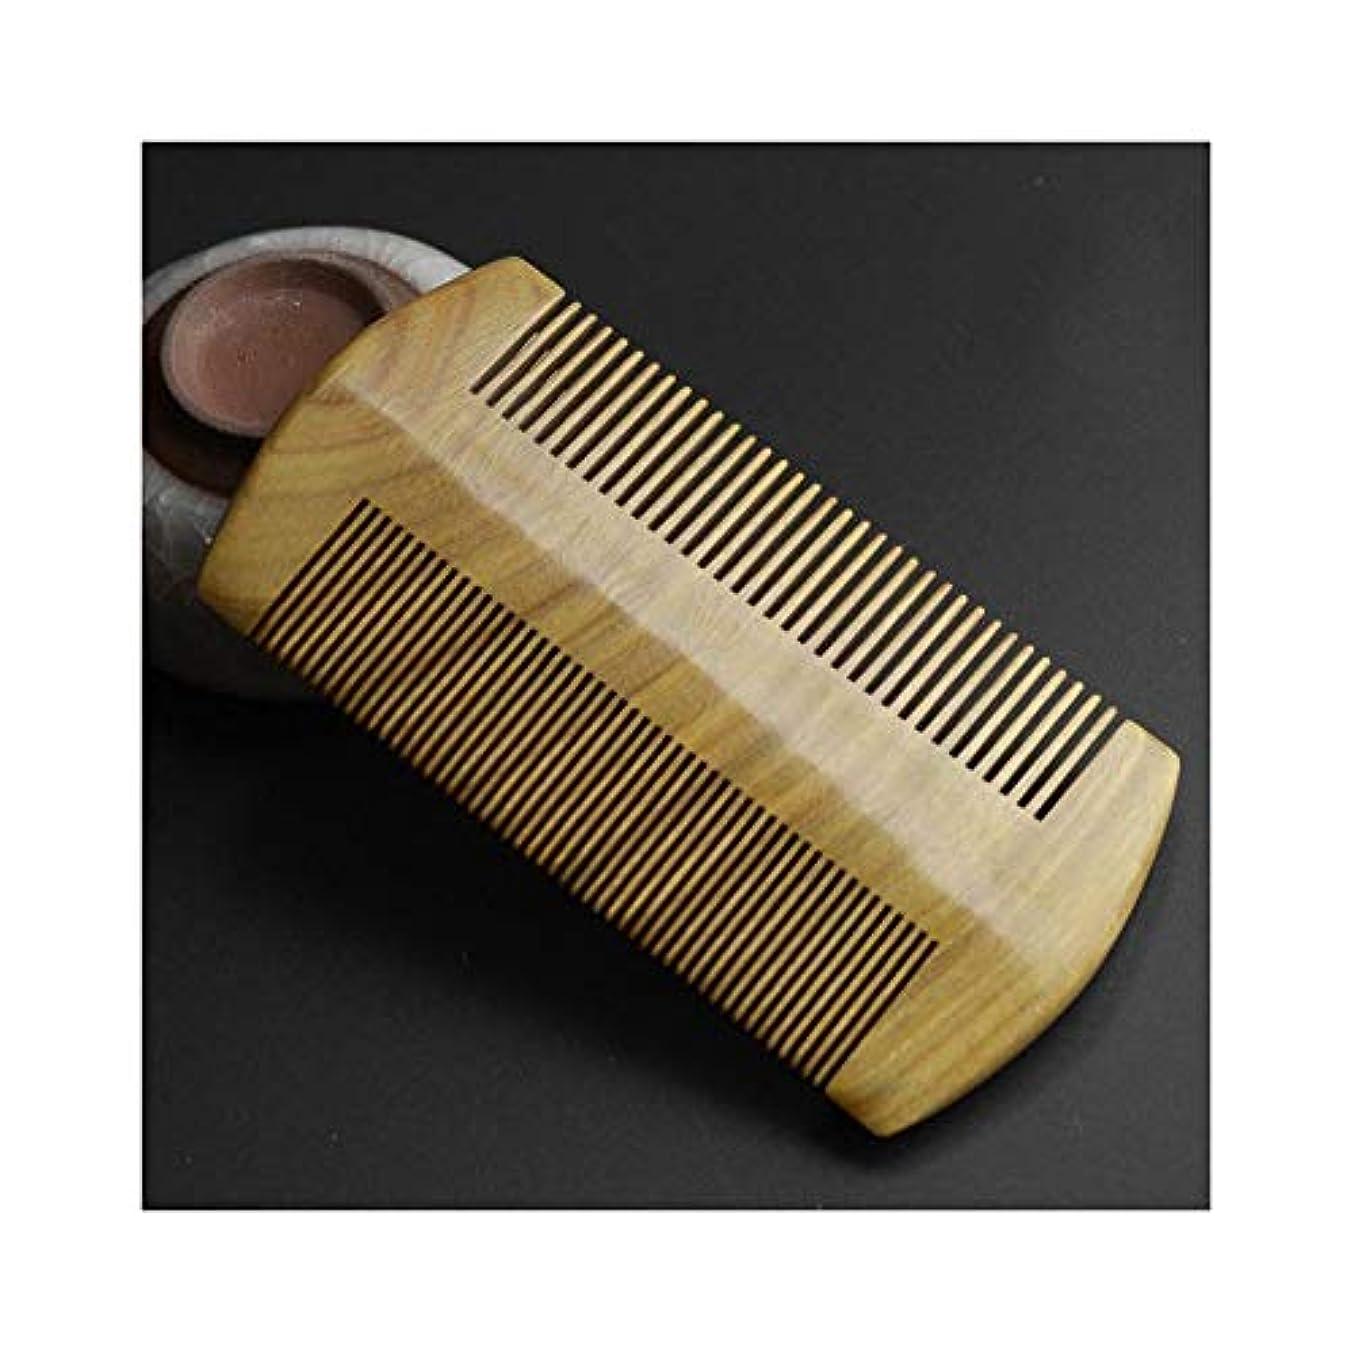 すなわち窒素屈辱するWASAIO 両面木製のくしメンズビアードカーリーストレートヘアブラシブラシ手作り抗静的グリーンサンダルウッドマッサージ (色 : オレンジ)